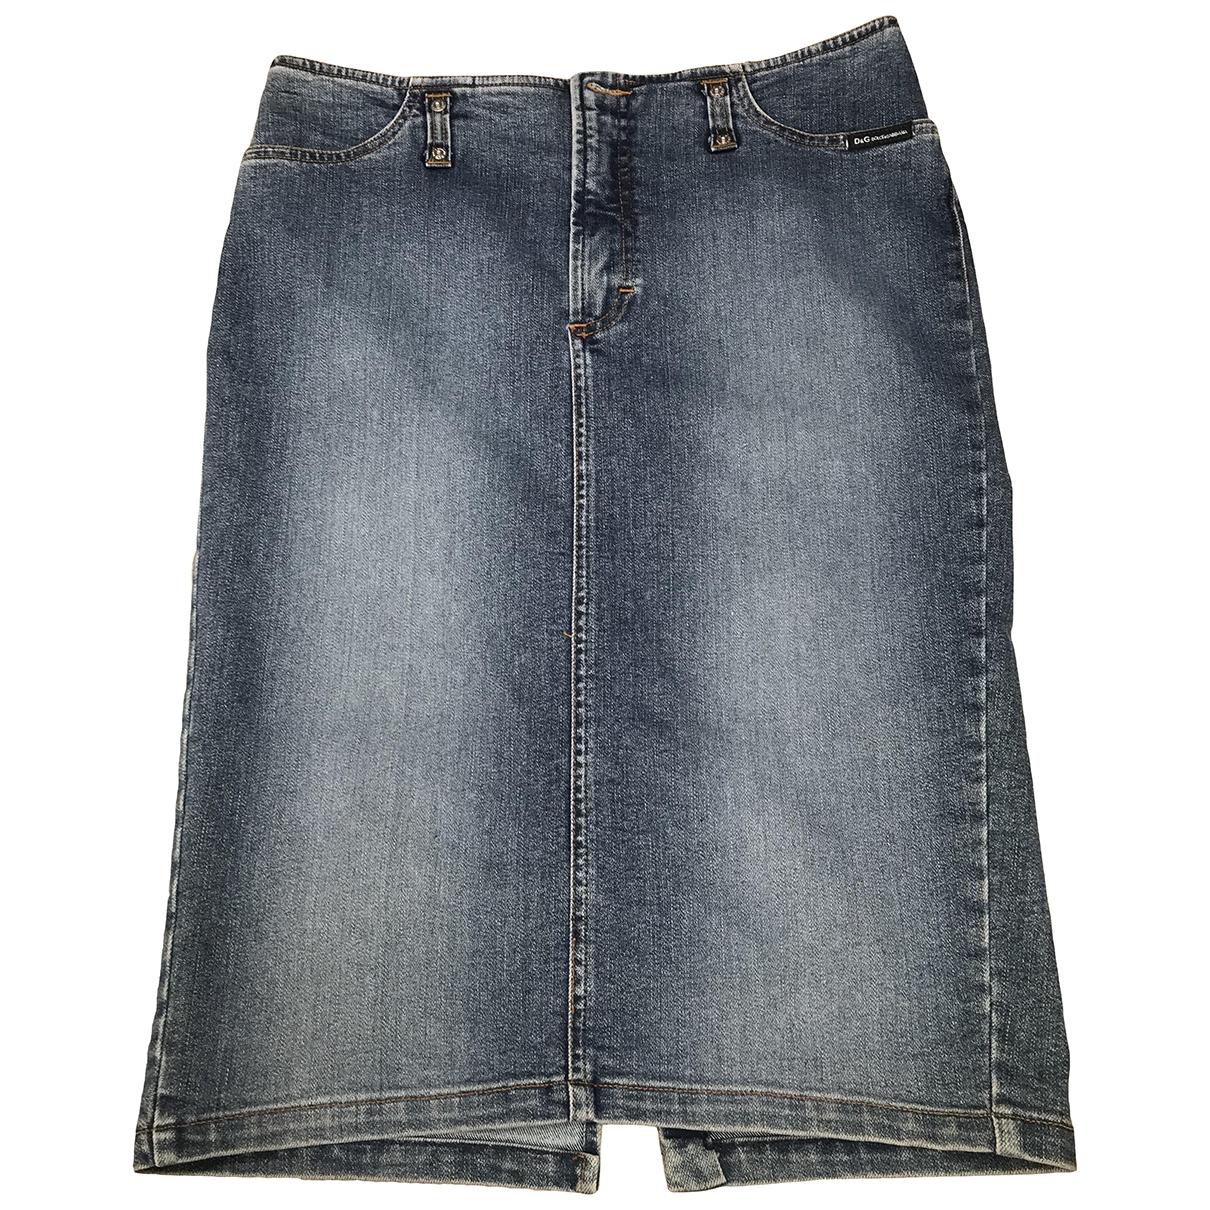 D&g \N Rocke in Denim - Jeans